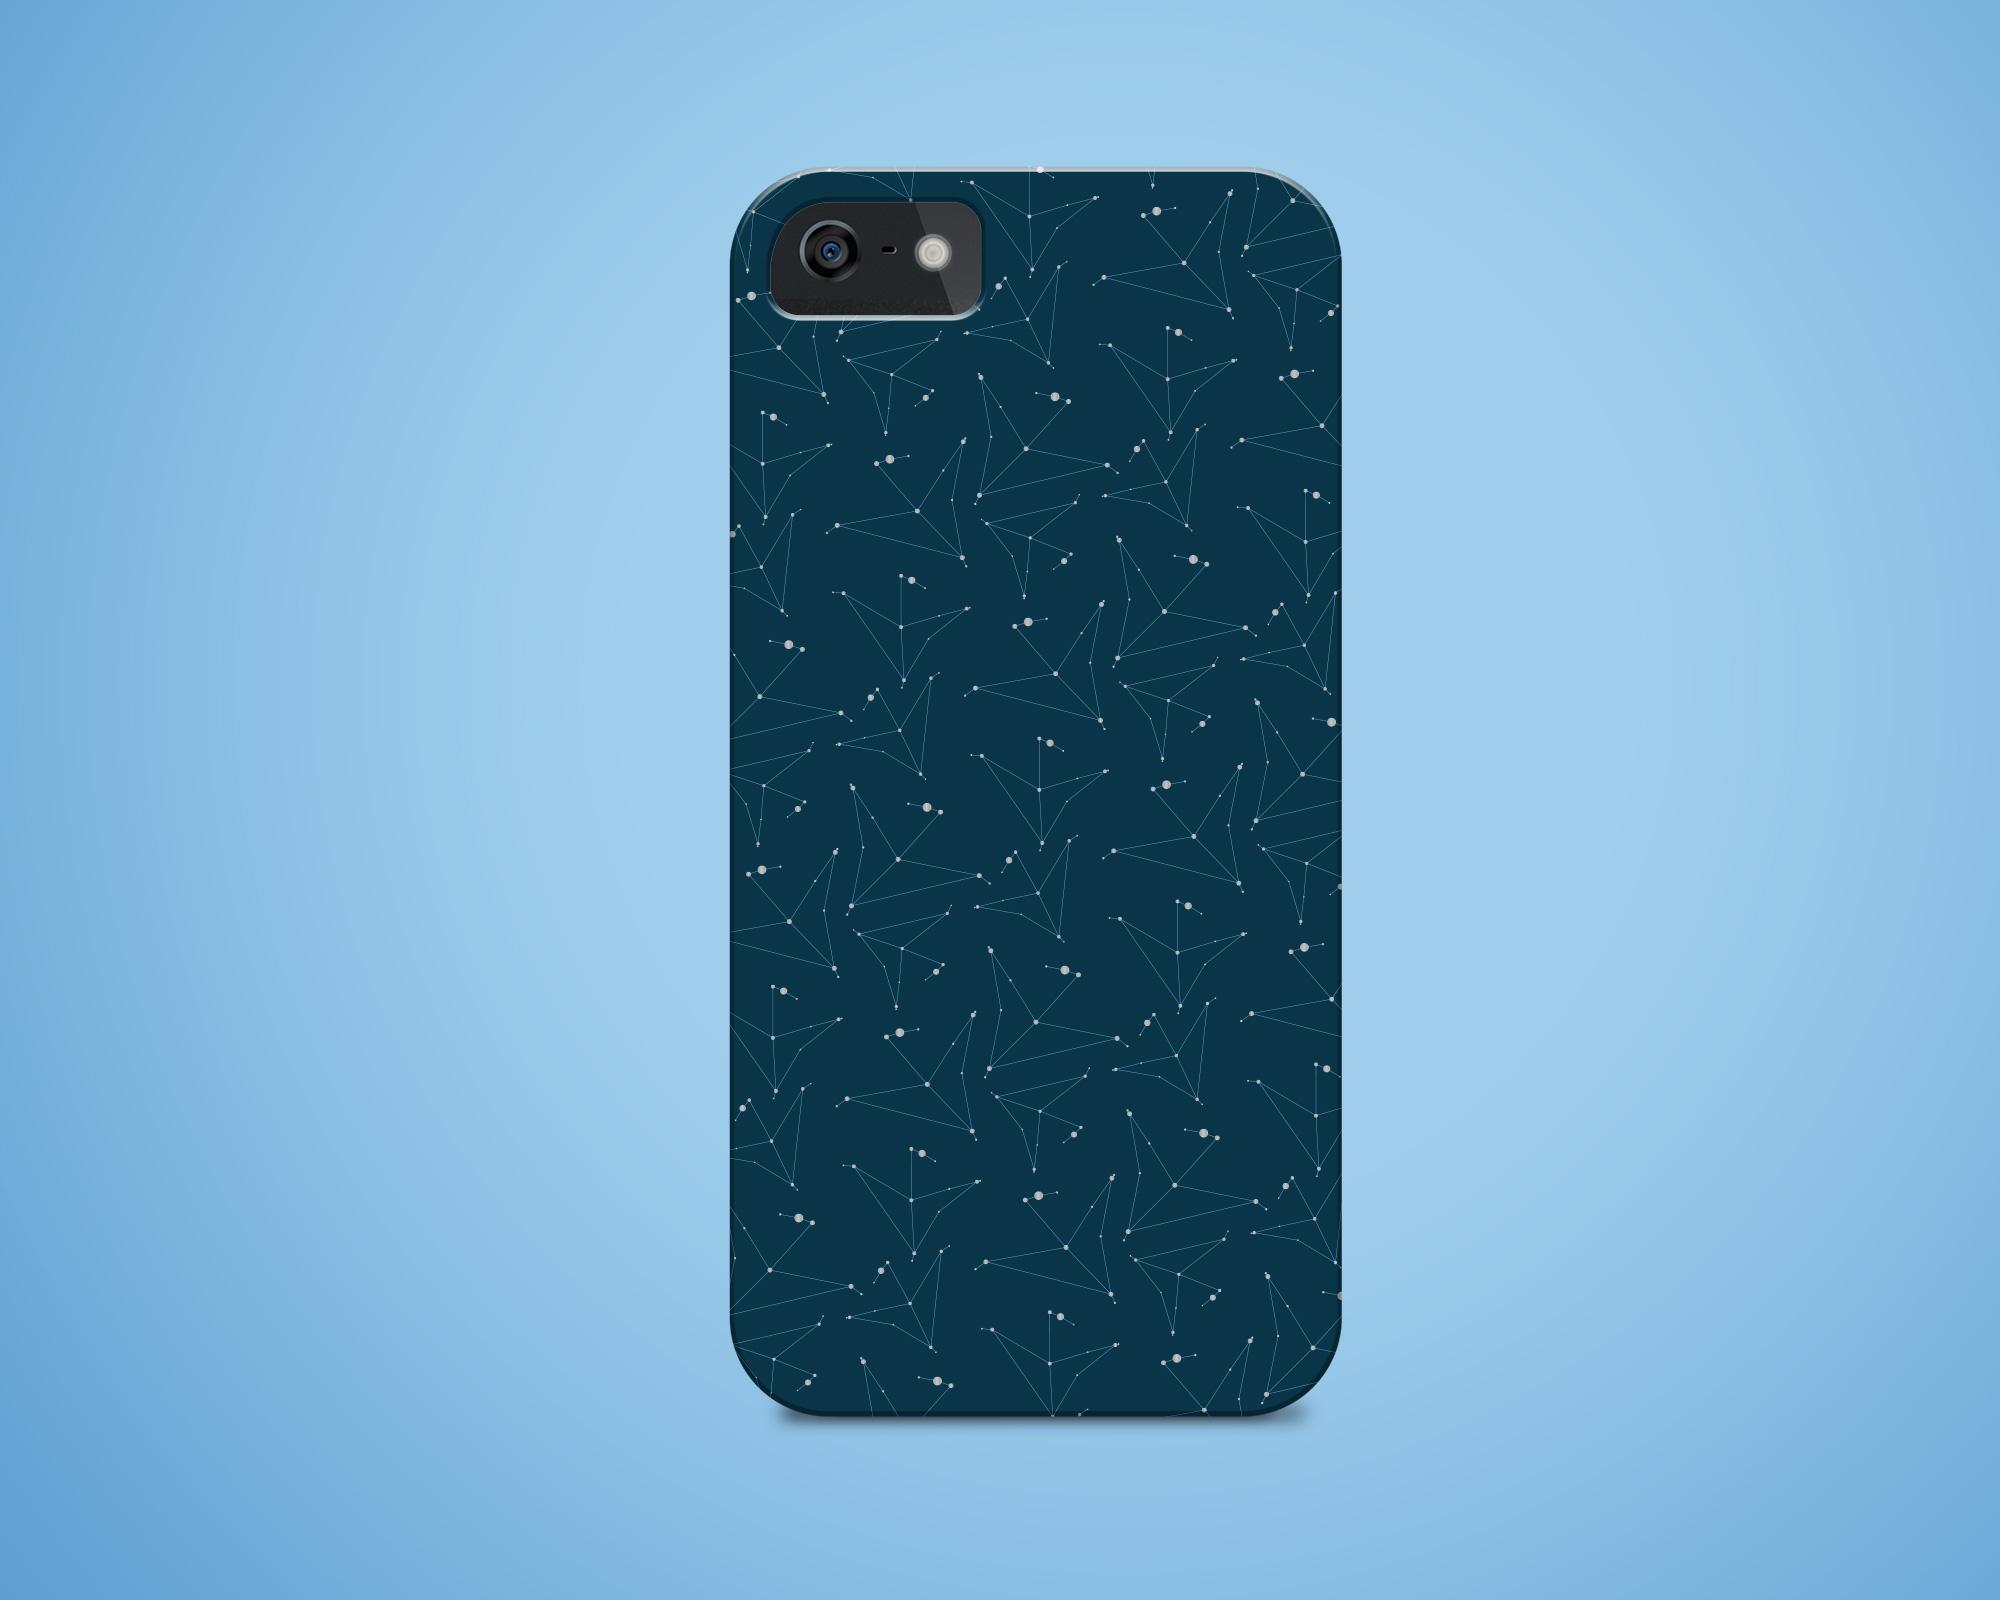 kim-gee-studio-graphic-design-cape-falcon-capital-phone-case